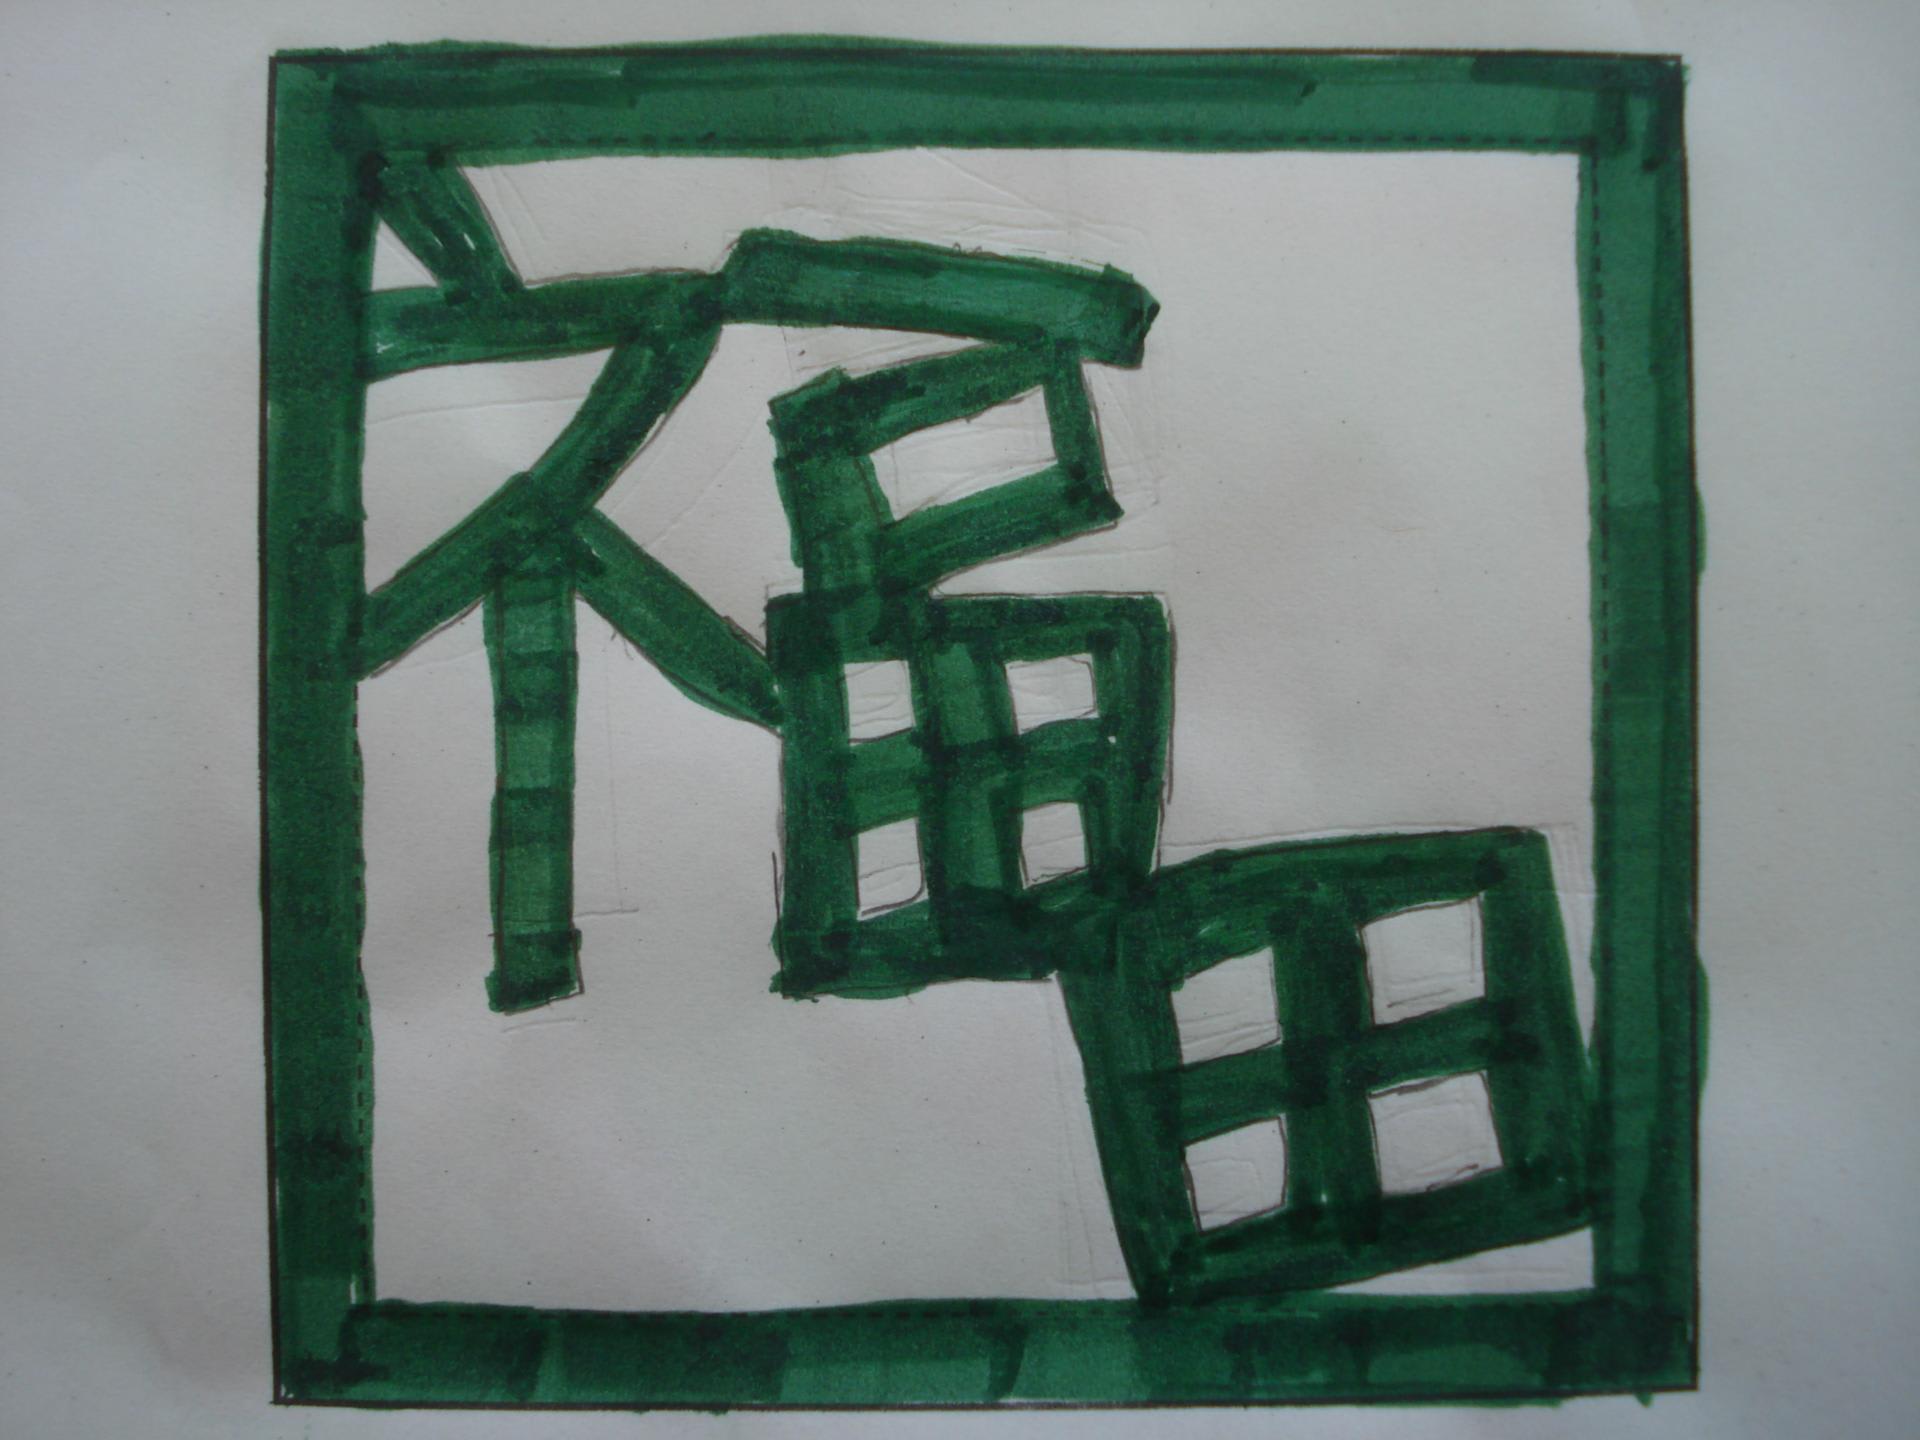 切り絵の仕組みを知ろう ... : 中学3年生 漢字 : 中学